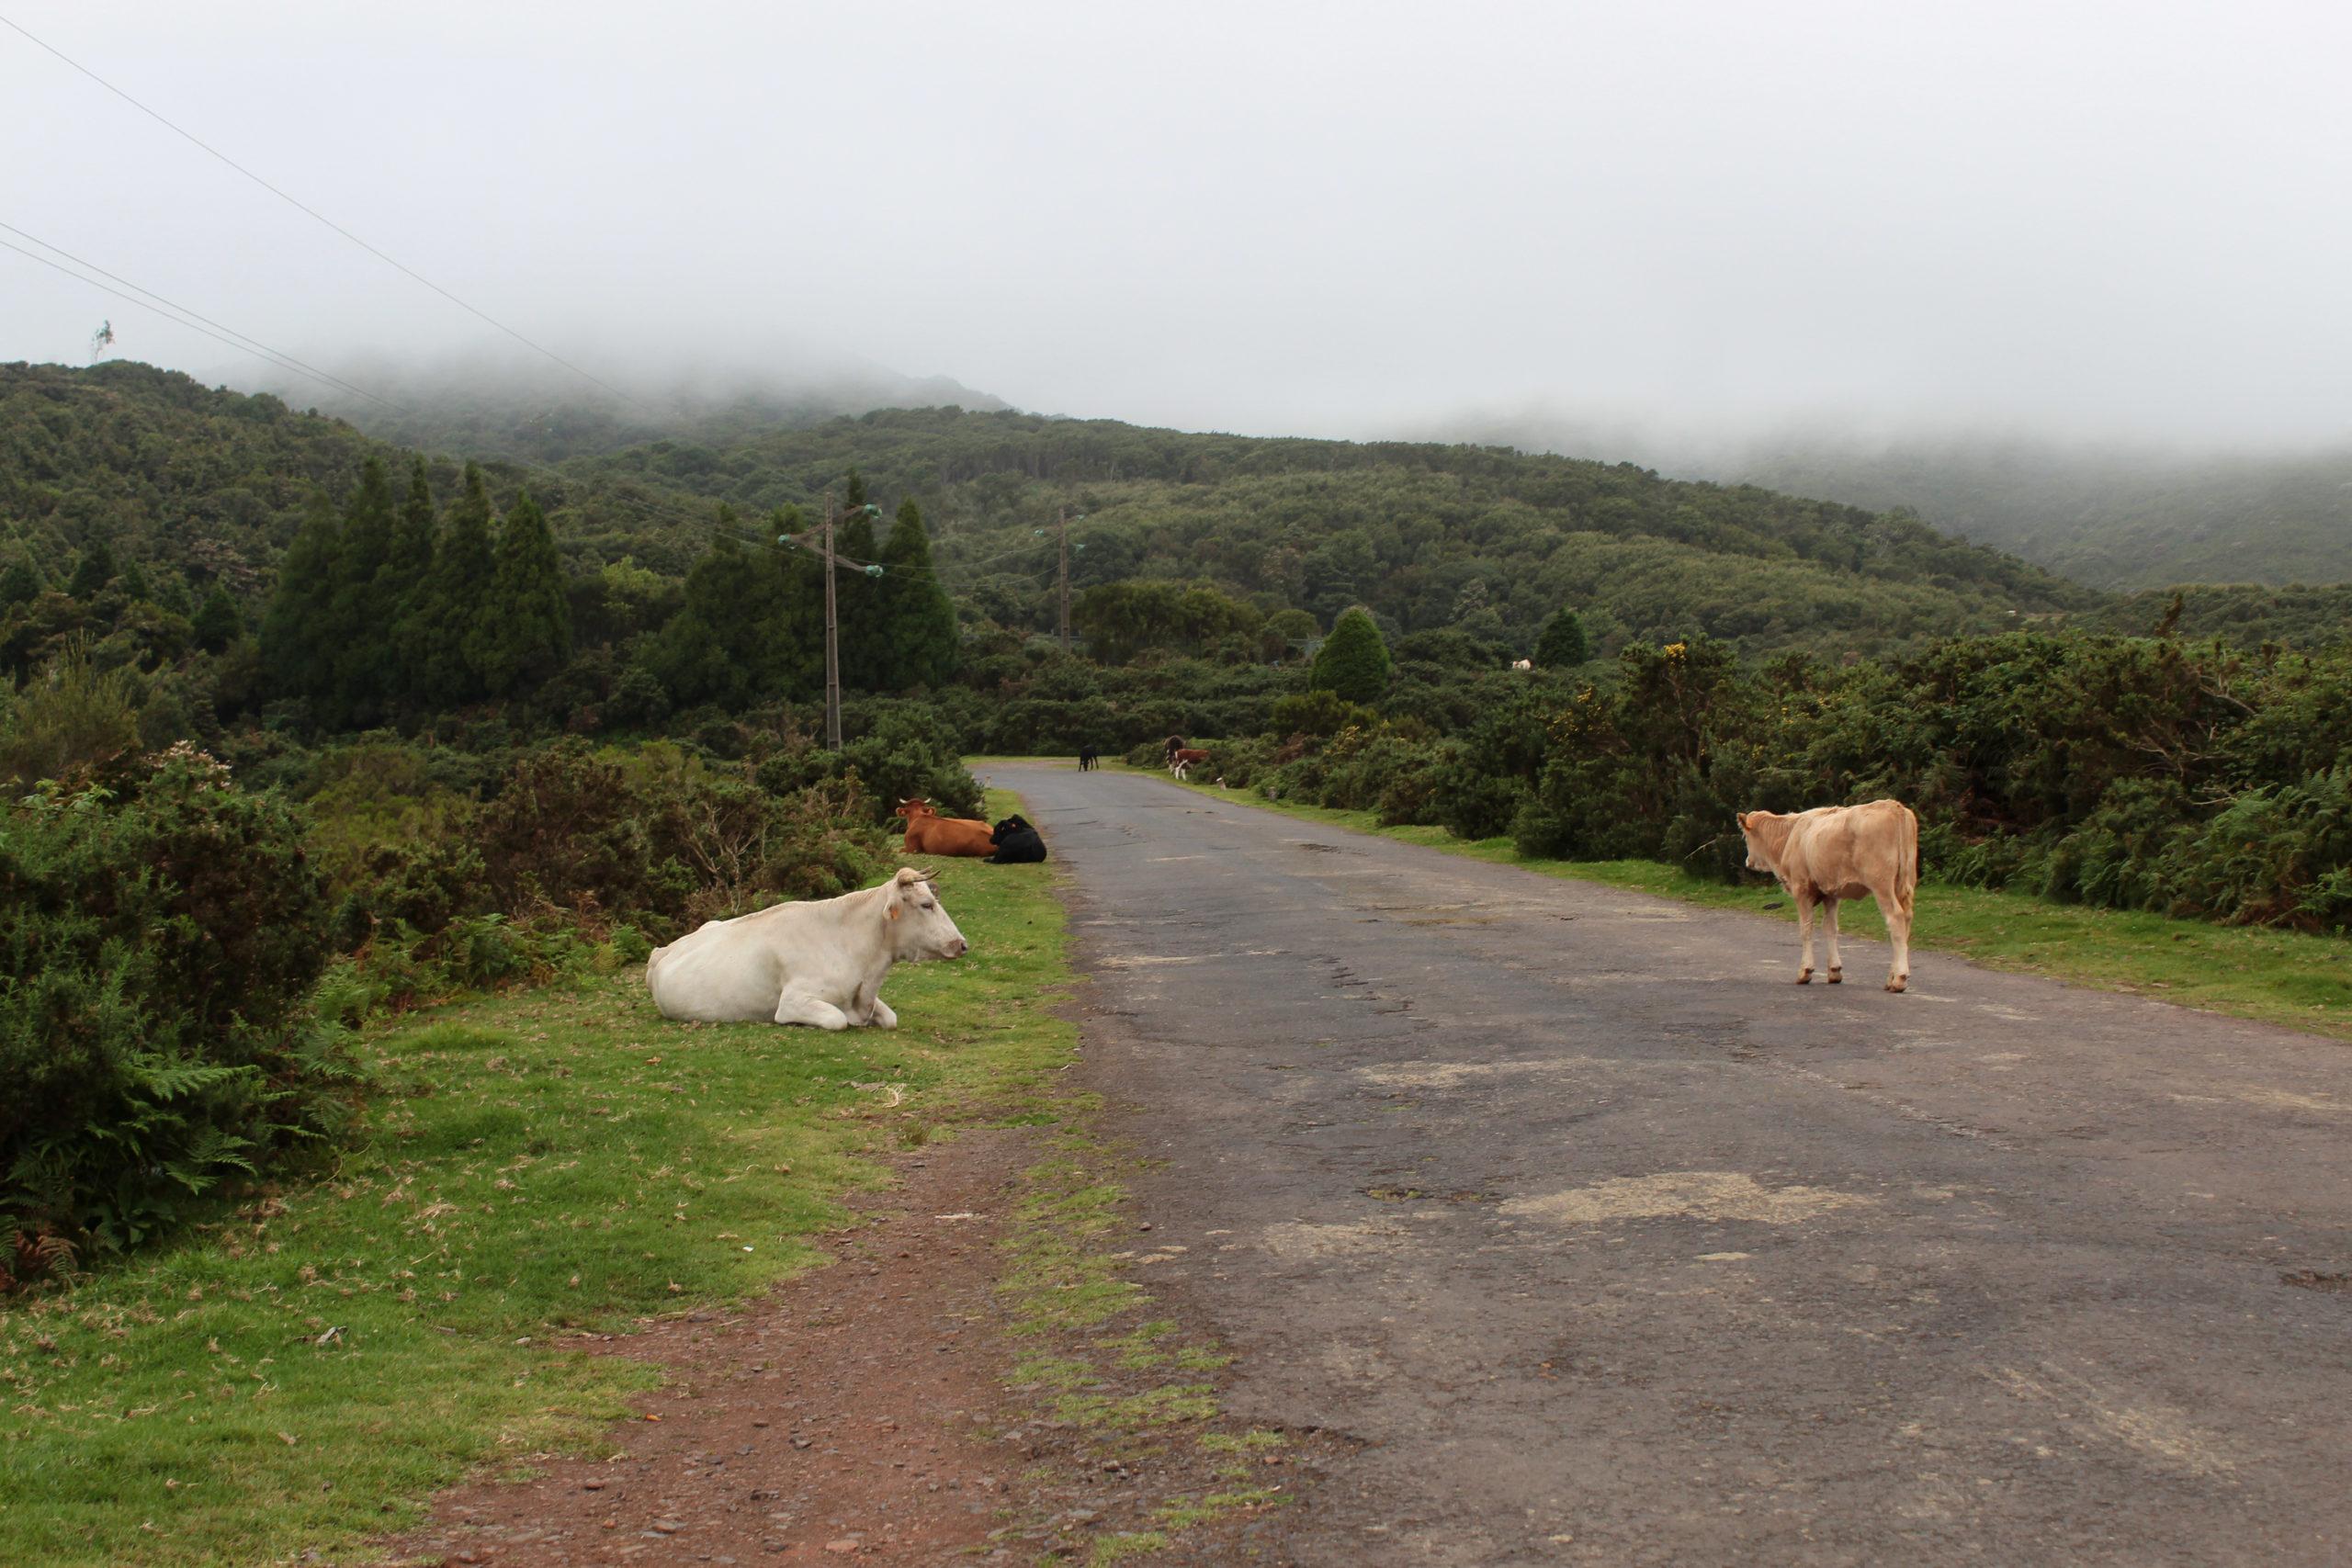 madera krowy przy drodze